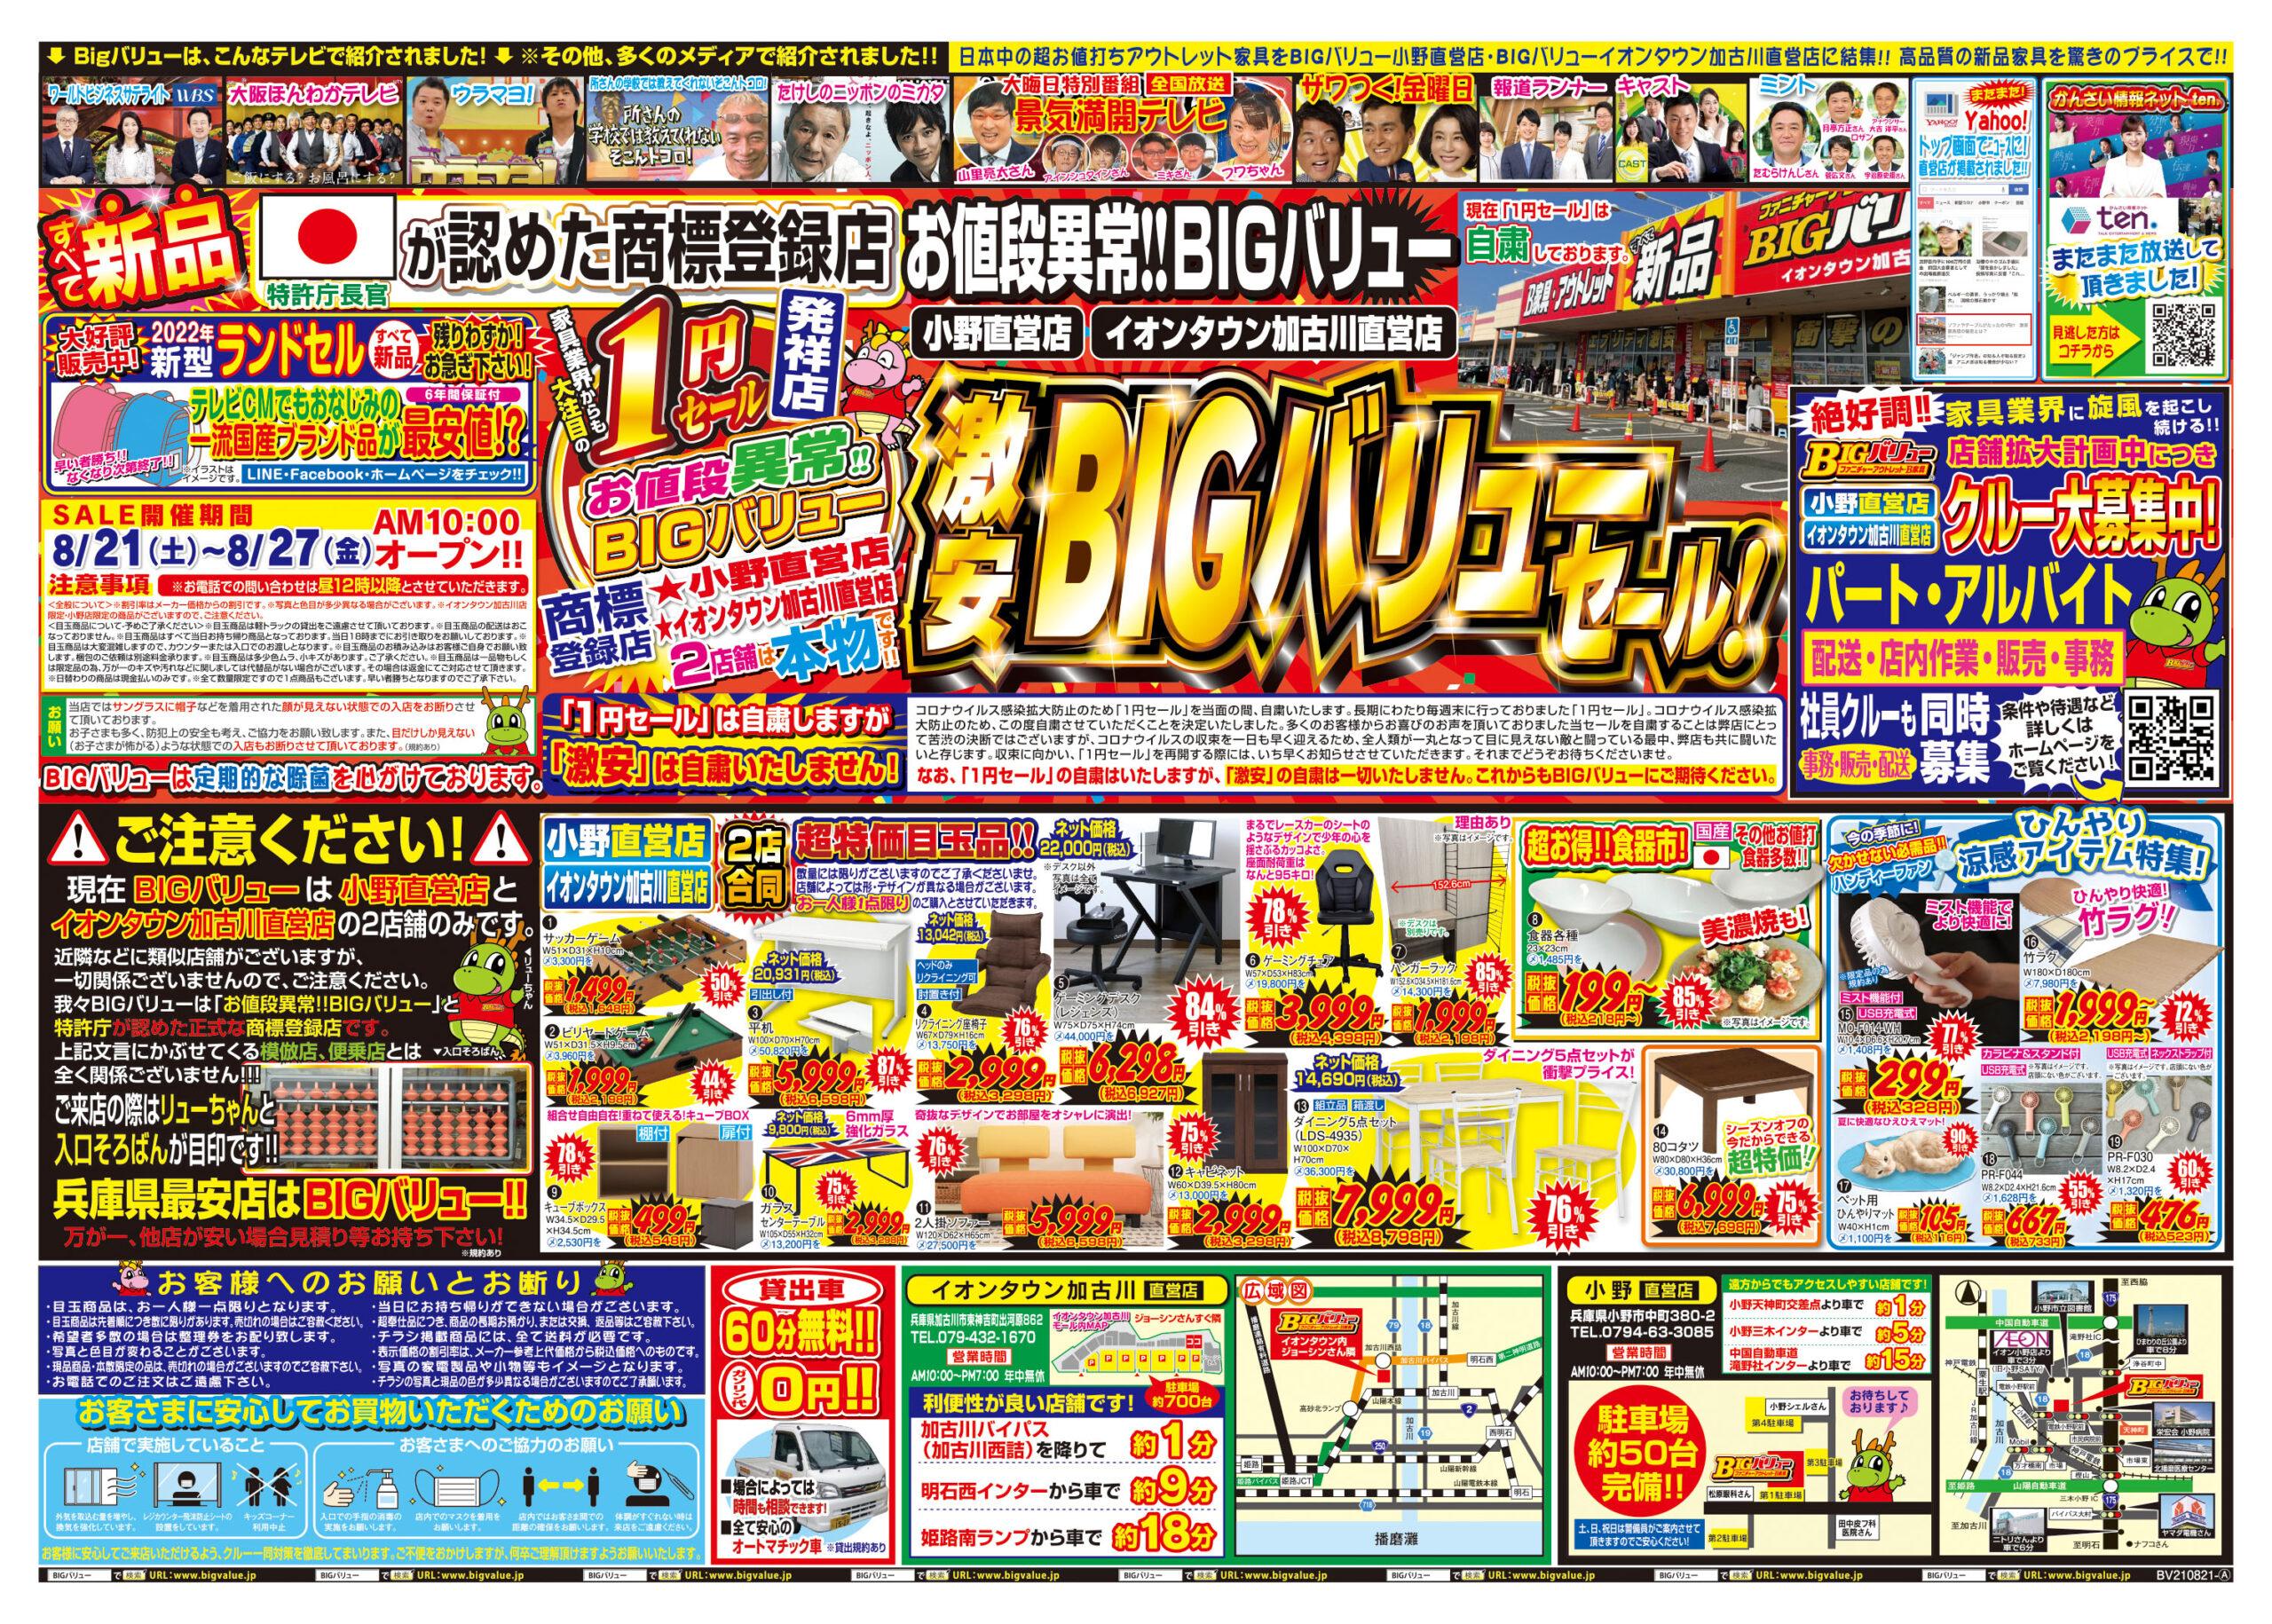 チラシ情報2021年8月21日~8月27日 小野店/イオンタウン加古川店